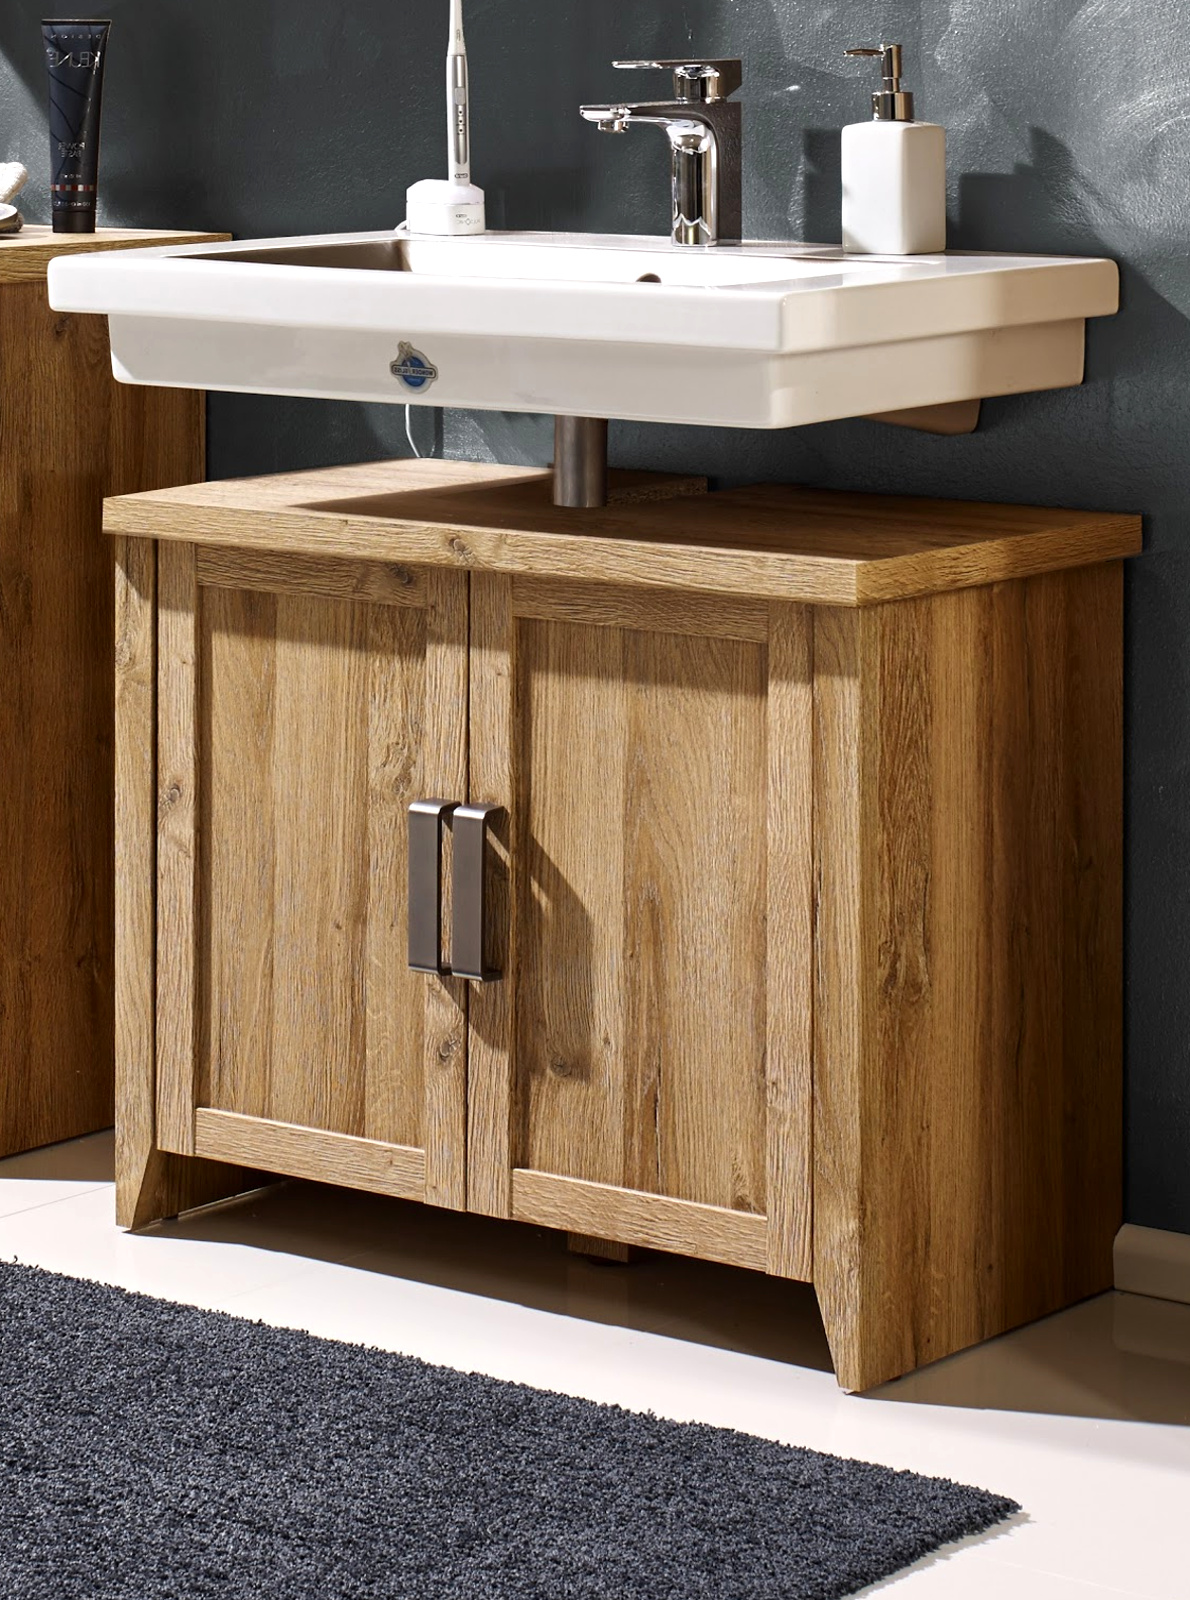 waschbecken unterschrank badschrank eiche alteiche badezimmer bad m bel canyon ebay. Black Bedroom Furniture Sets. Home Design Ideas